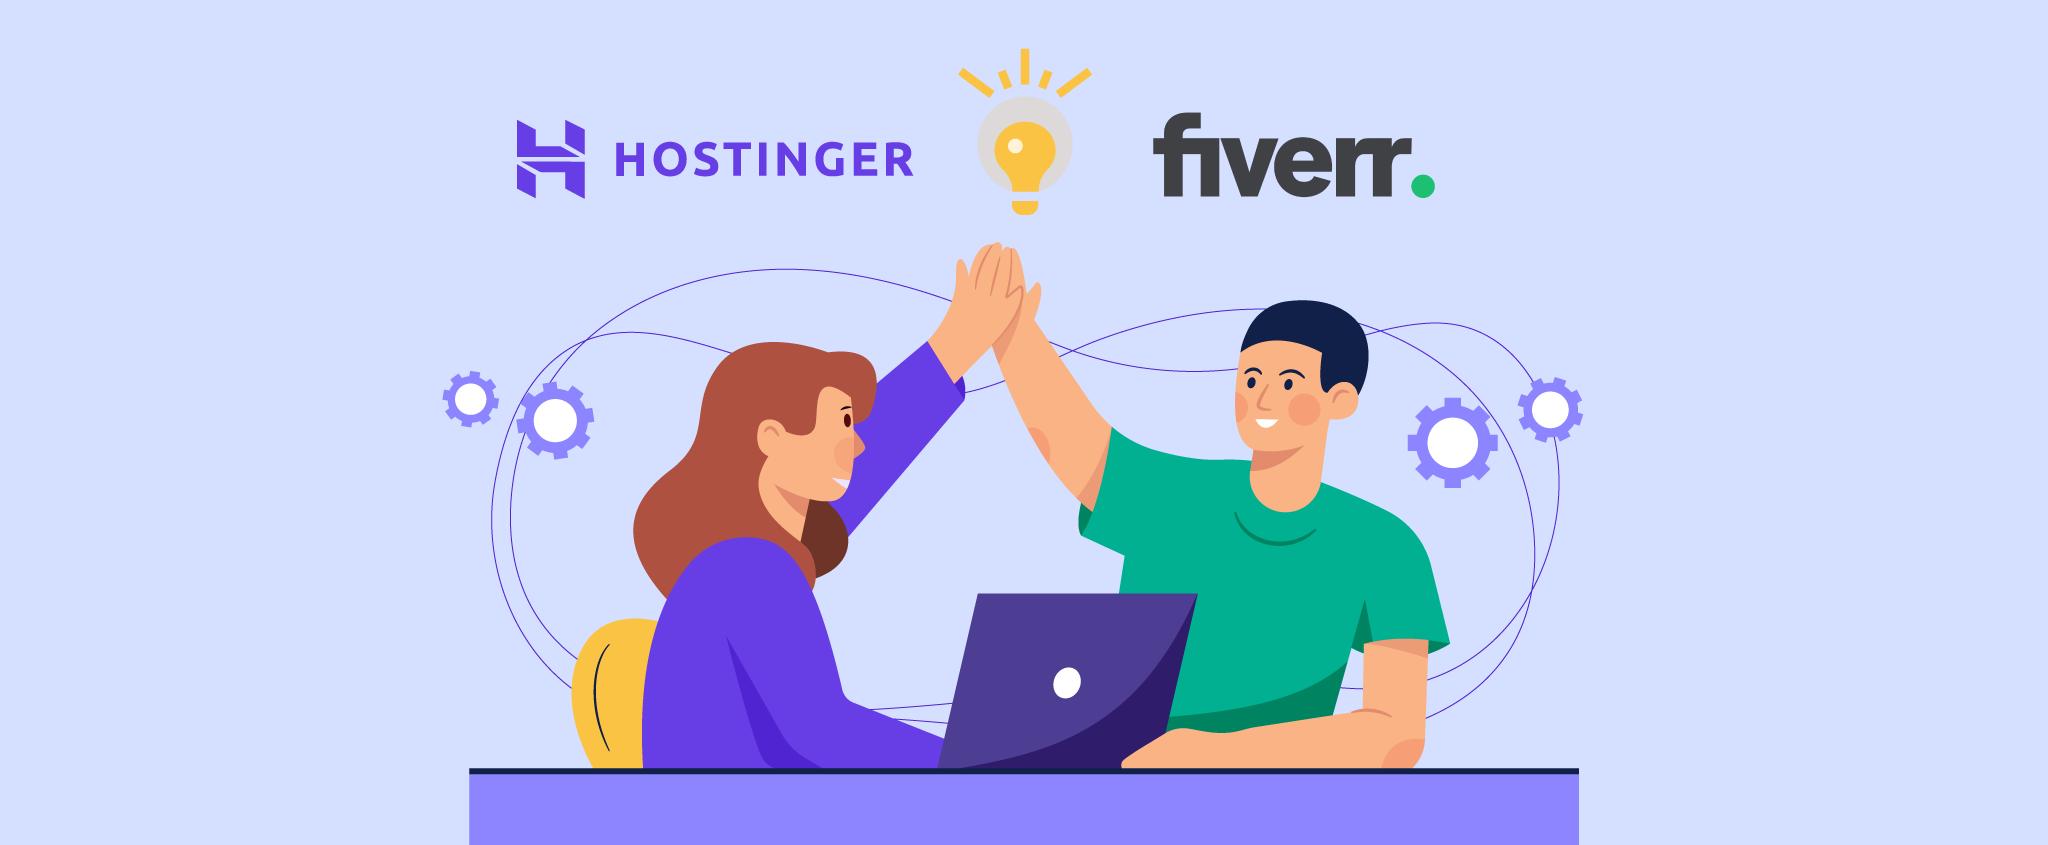 Hostinger Is Partnering With Fiverr